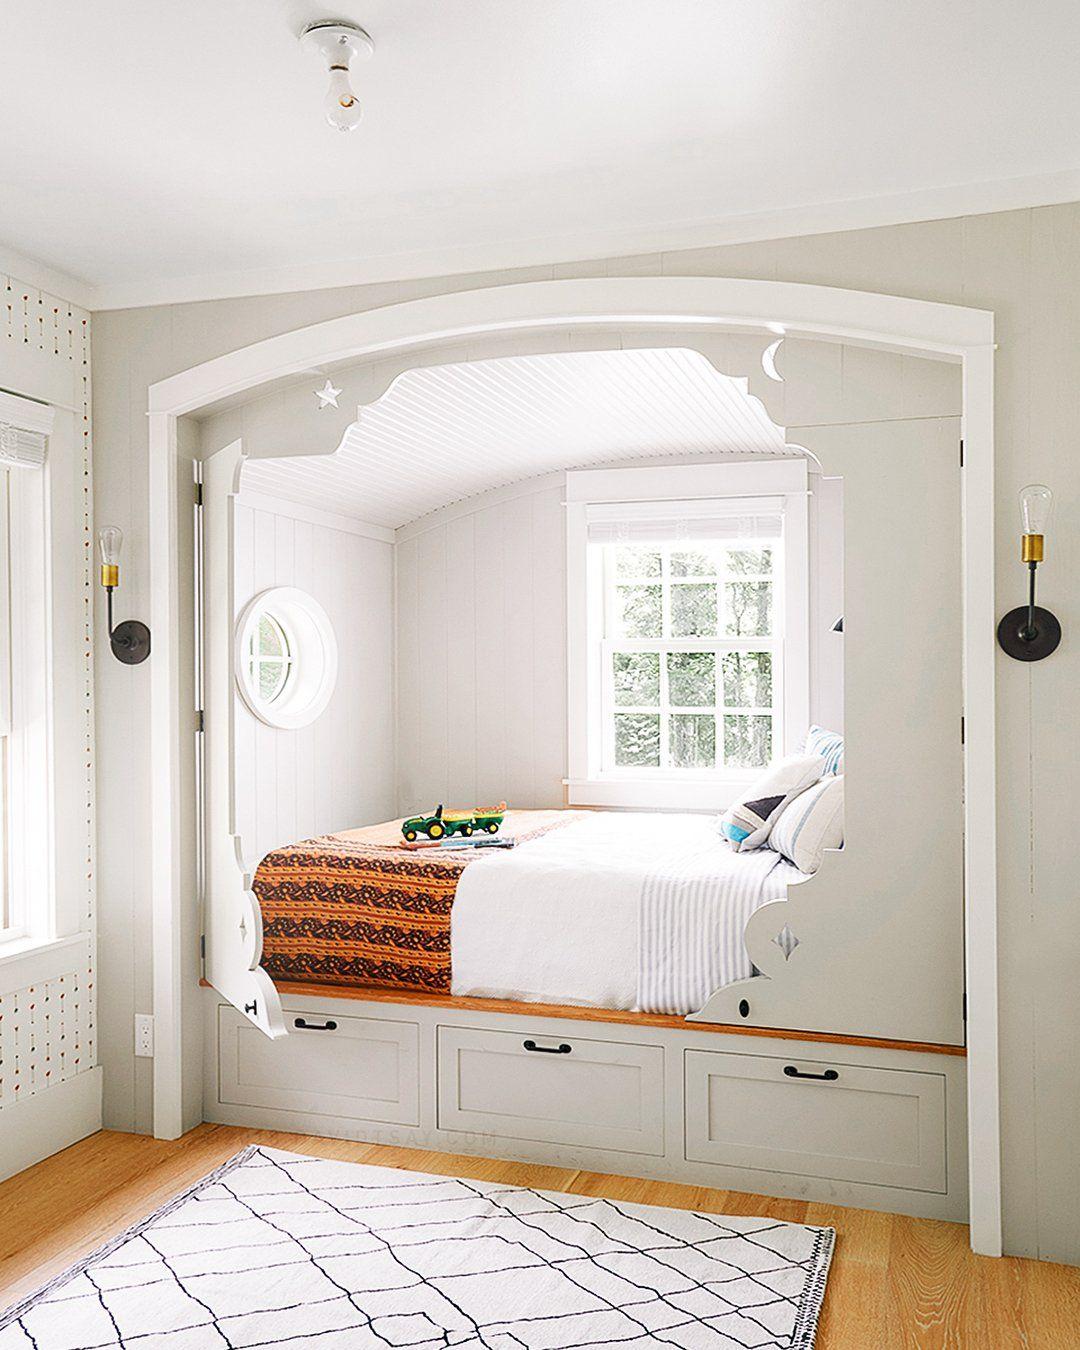 Lighting Vintage Light Fixtures Cozy Bedroom Modern Rustic Bedrooms Rustic Bedroom